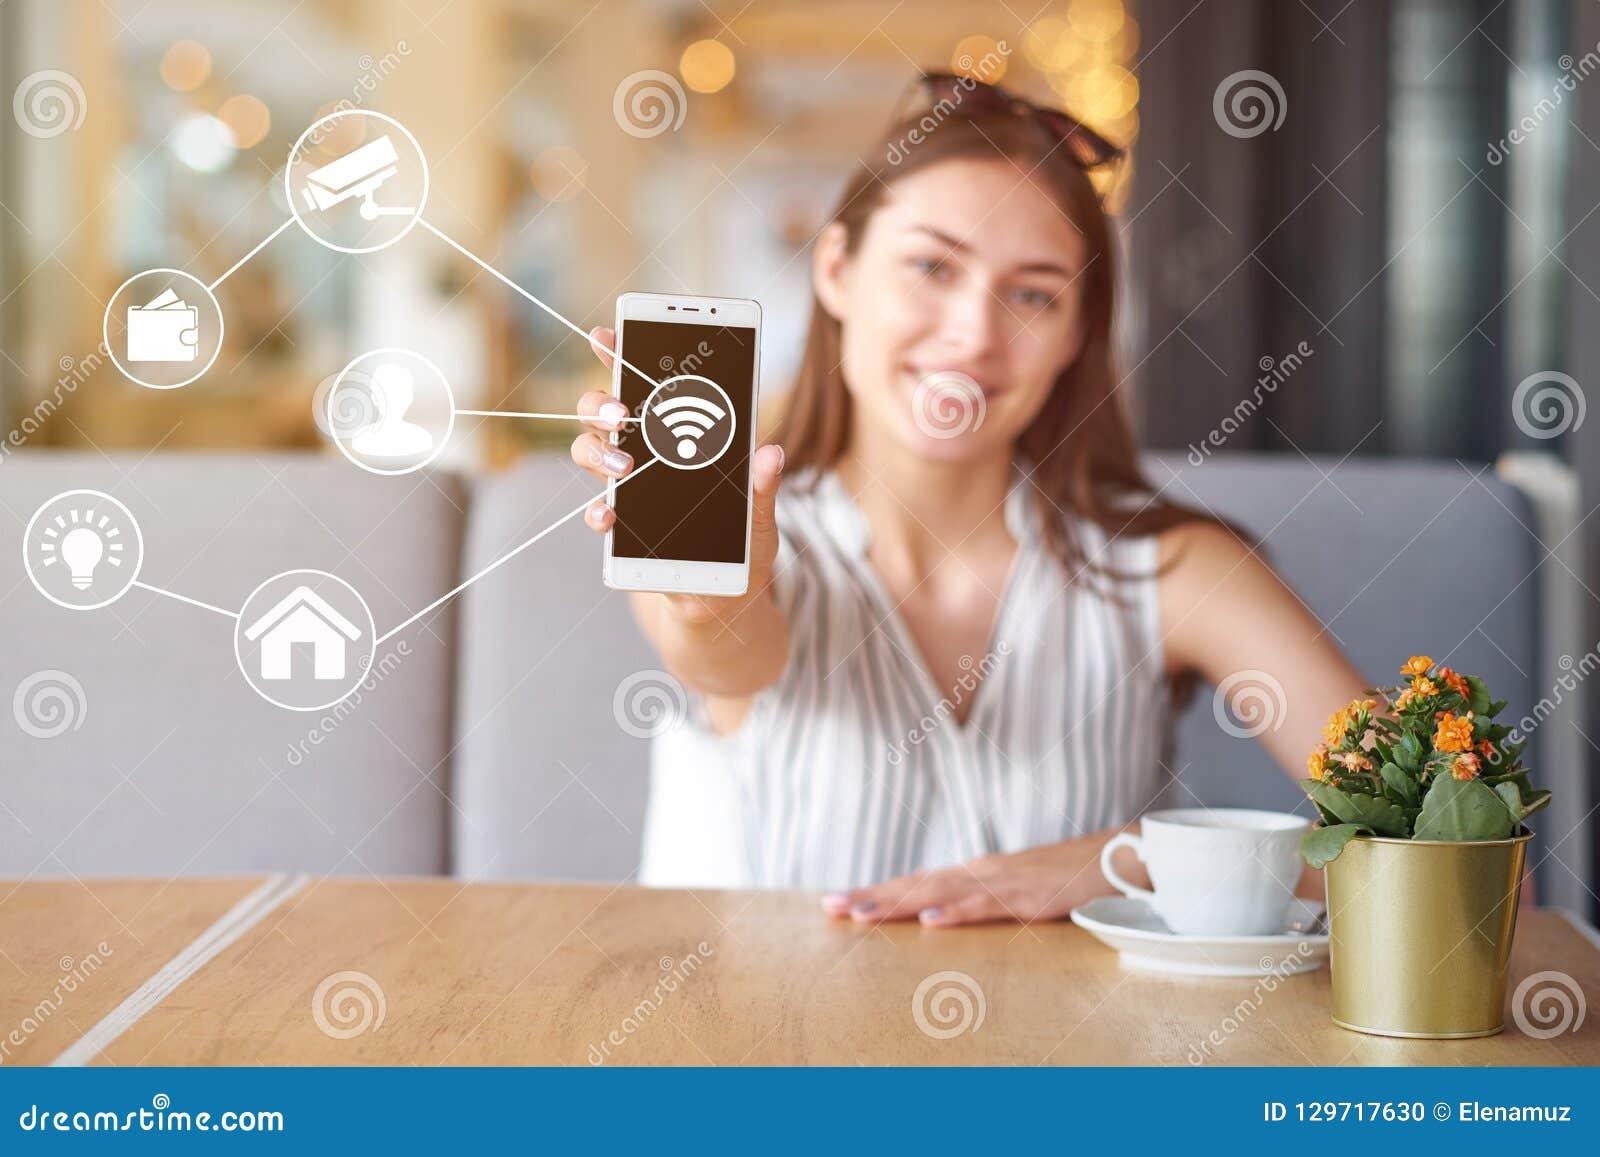 Femme à l aide du téléphone intelligent mobile moderne se reliant aux applis d automation de wifi Contrôle virtuel à distance à l